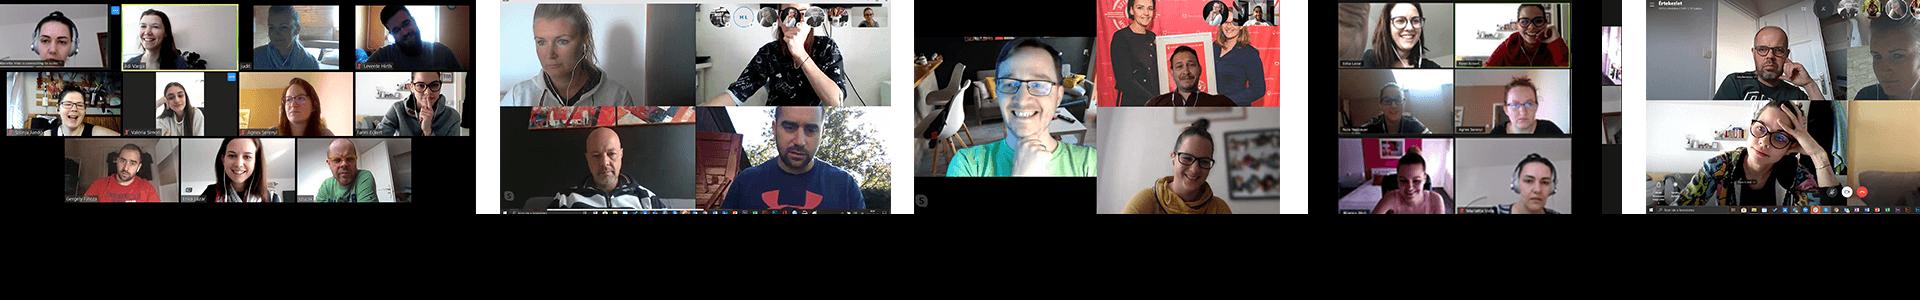 online közösség a y-shift csapatában meetingek